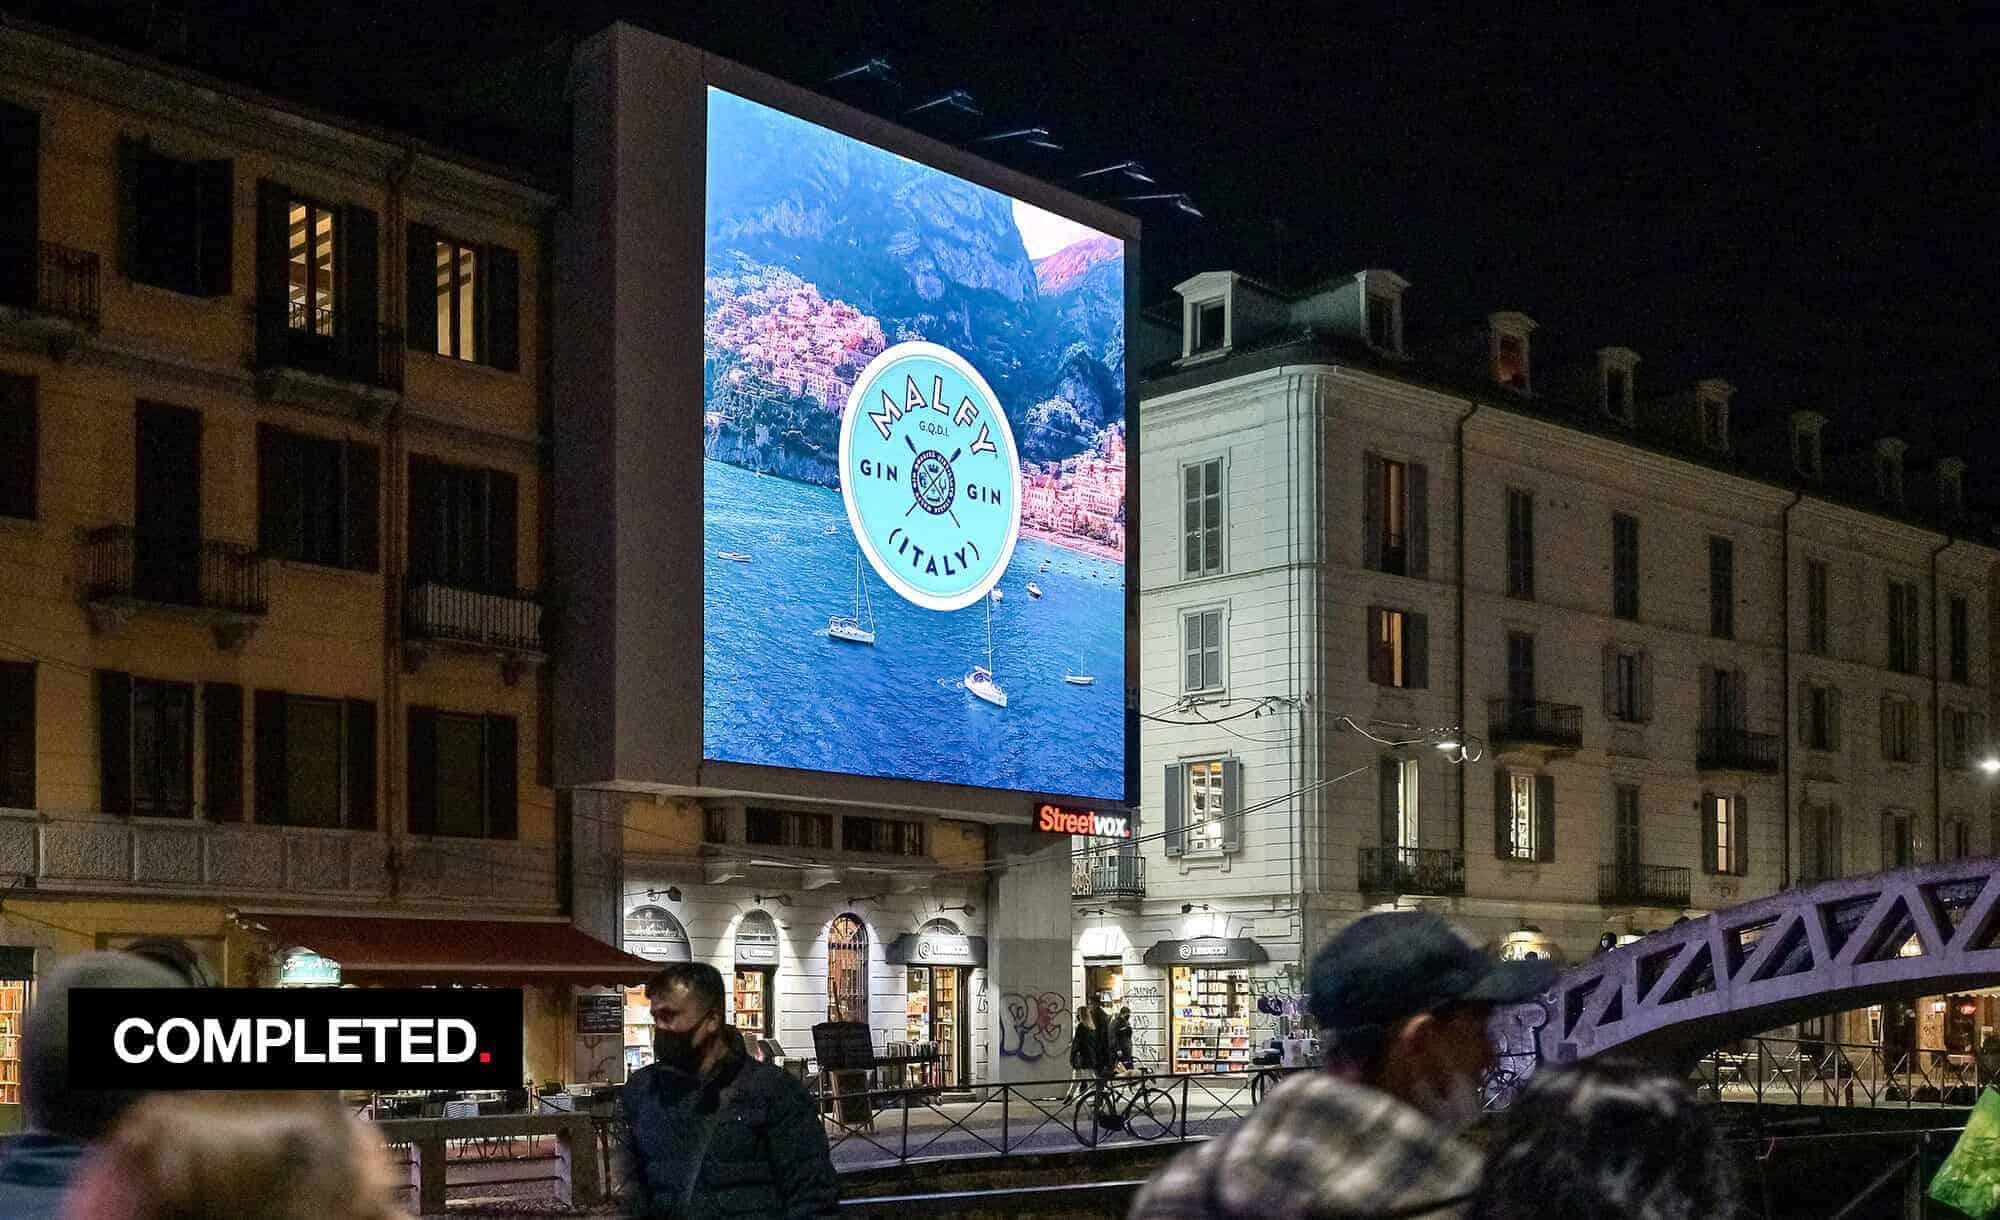 Maxi Affissione Streetvox in Via Corsico 12 sui Navigli a Milano con MALFY (beverage)